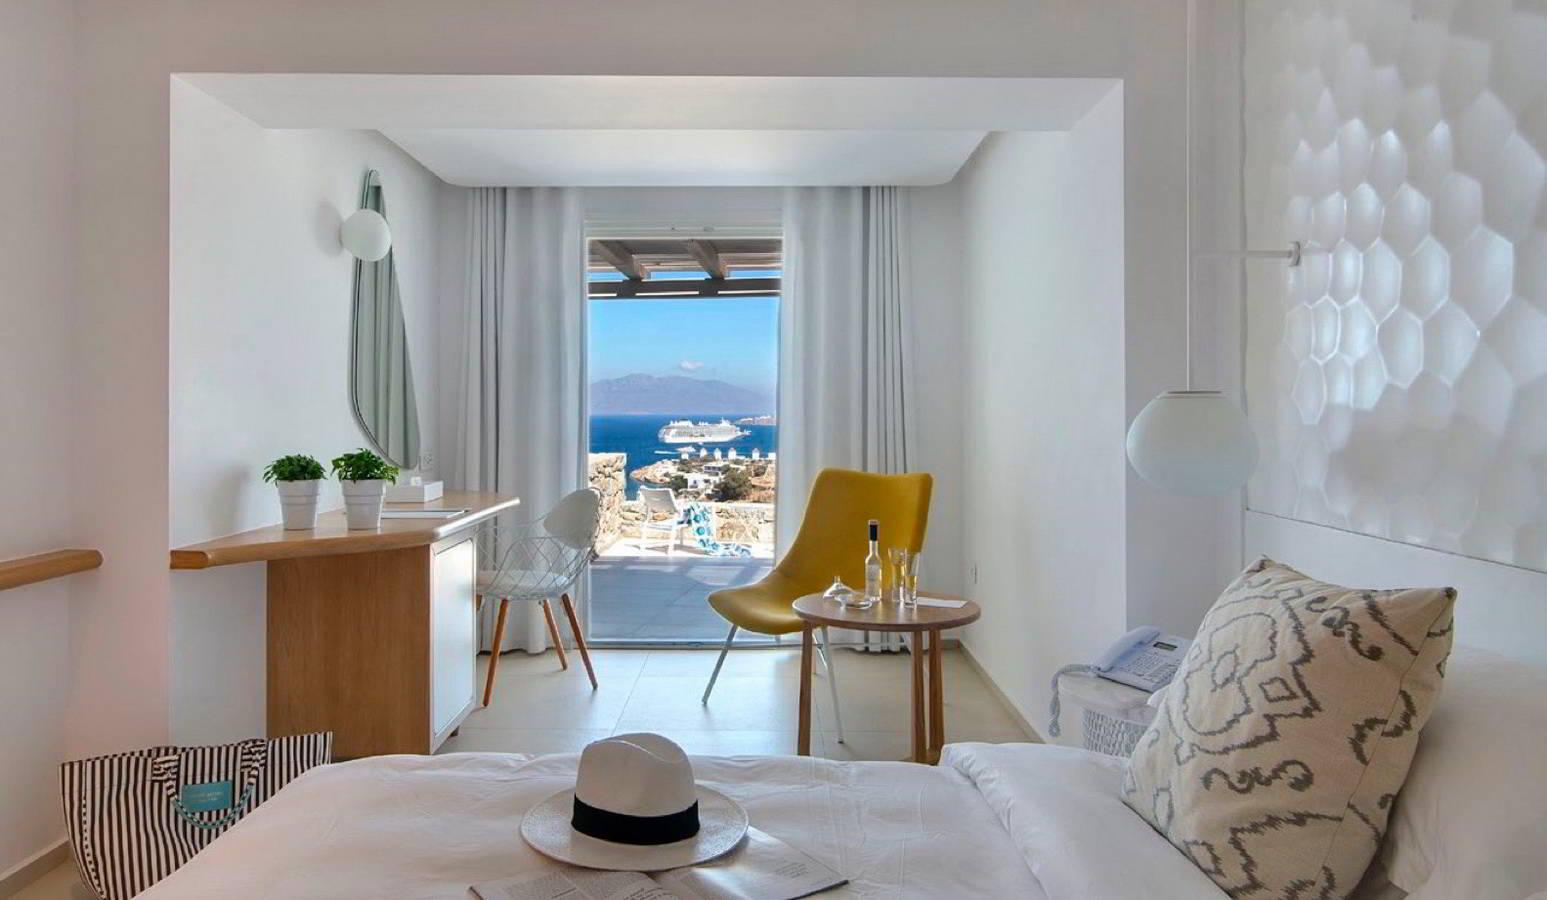 mykonian-k-hotels_styling_hara-kontaxaki_10